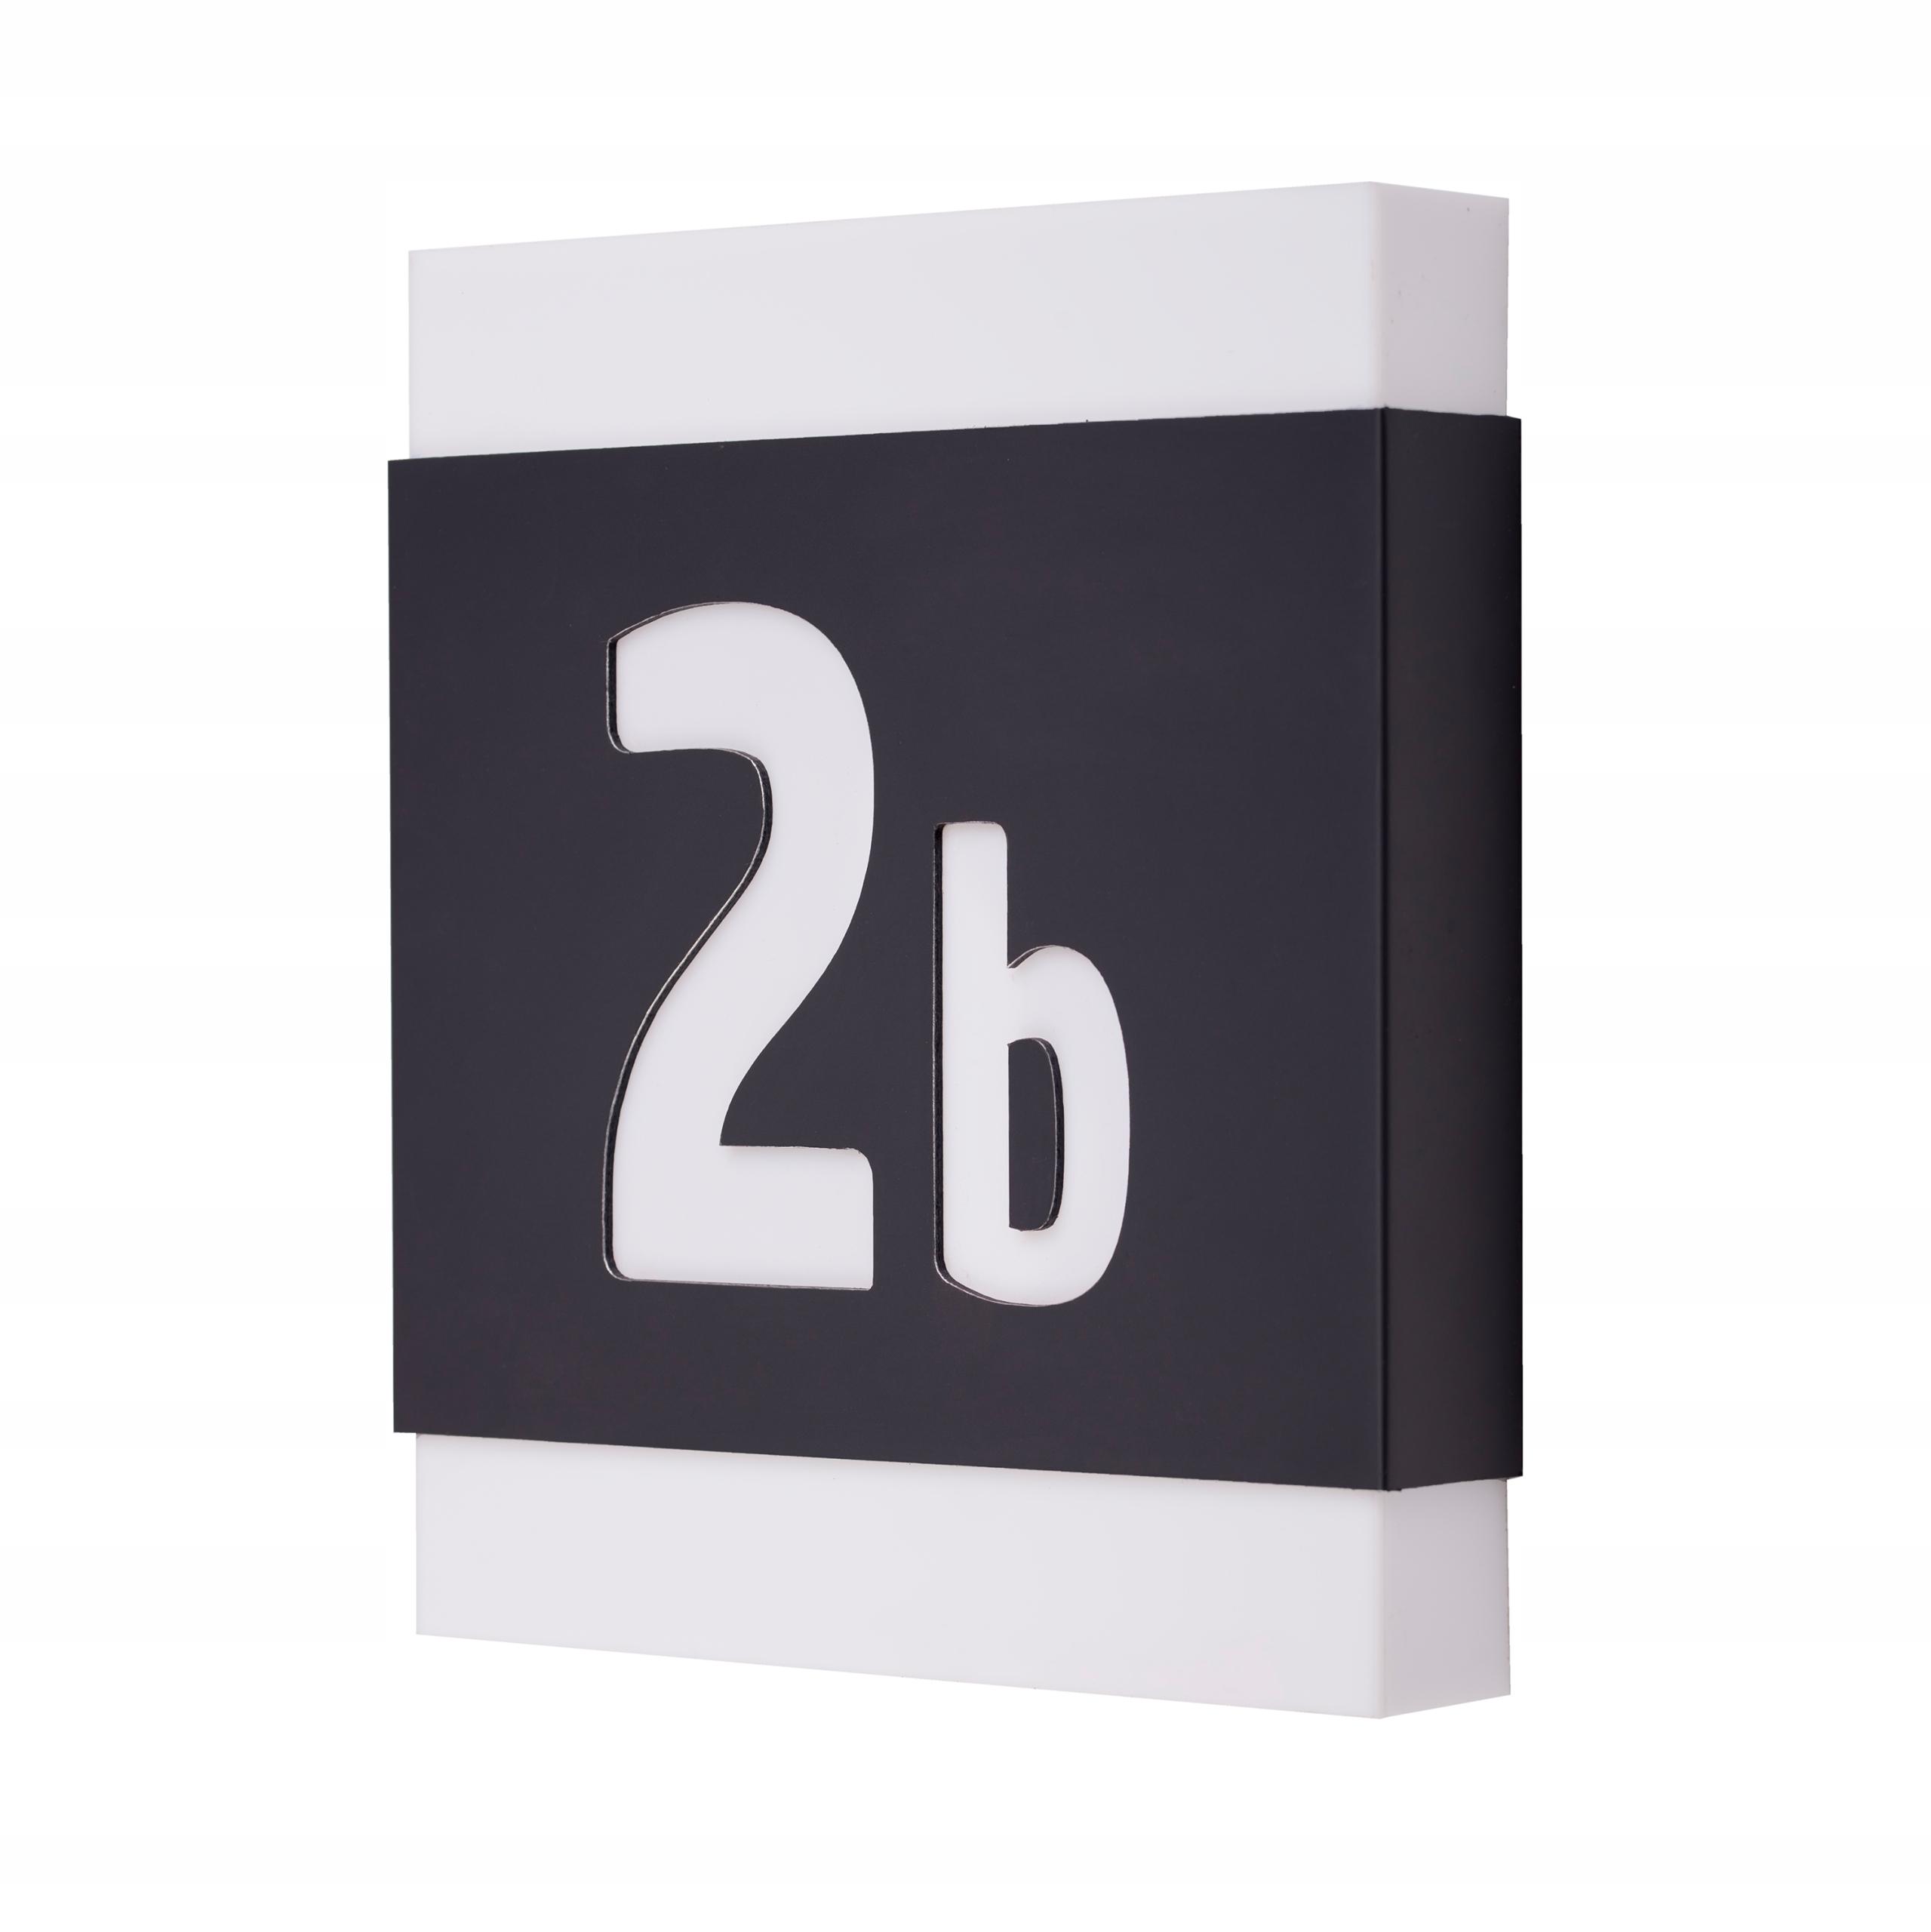 Podświetlany numer domu 23 x 27 cm LED